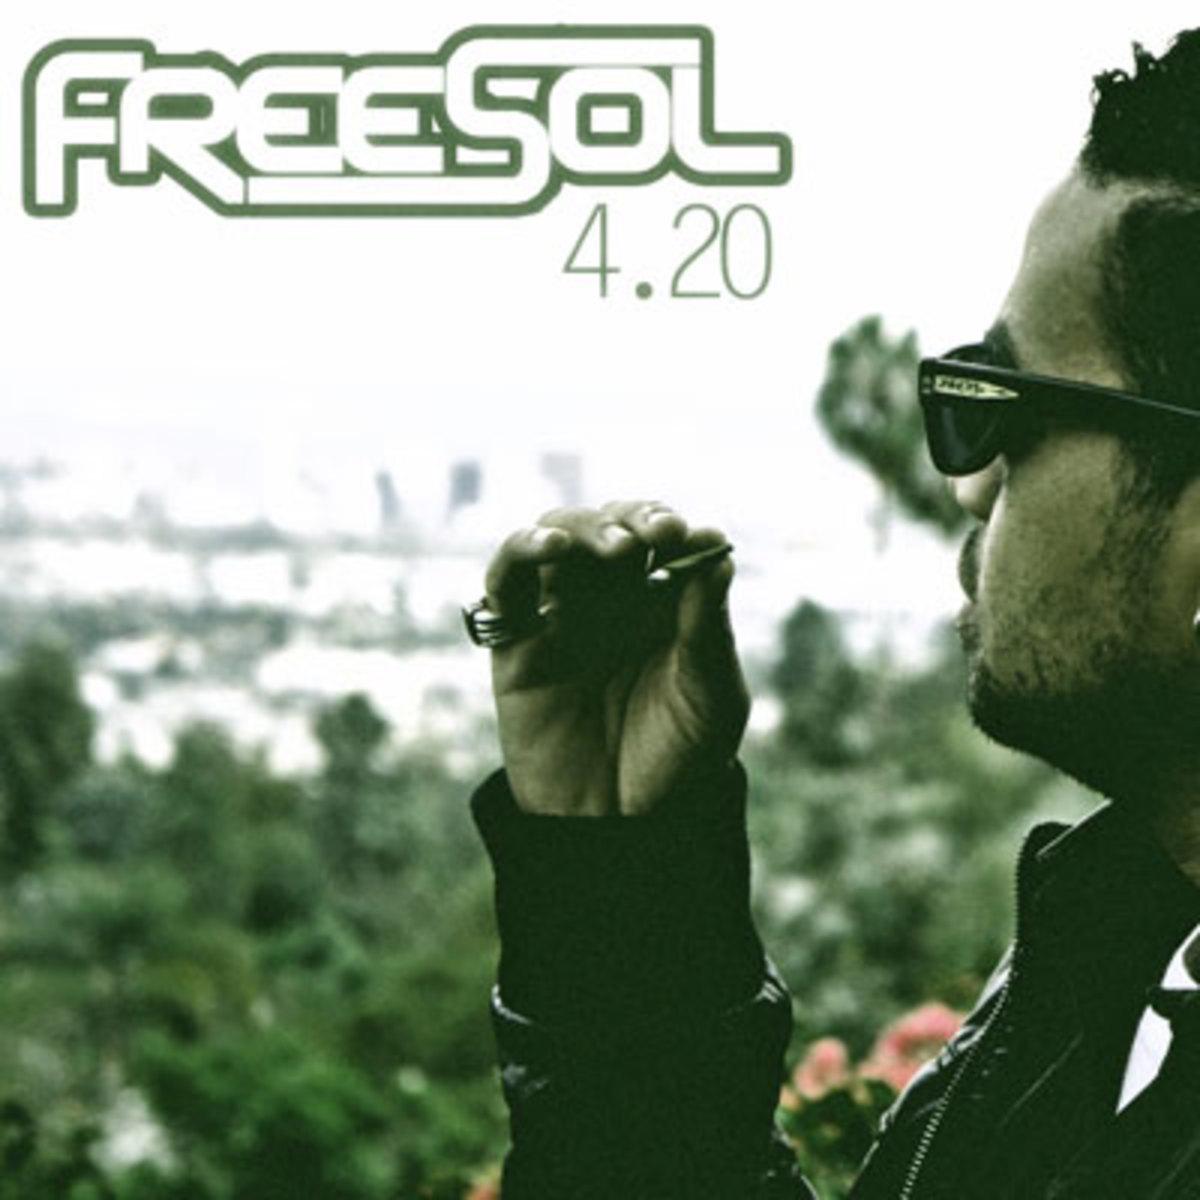 freesol-420.jpg